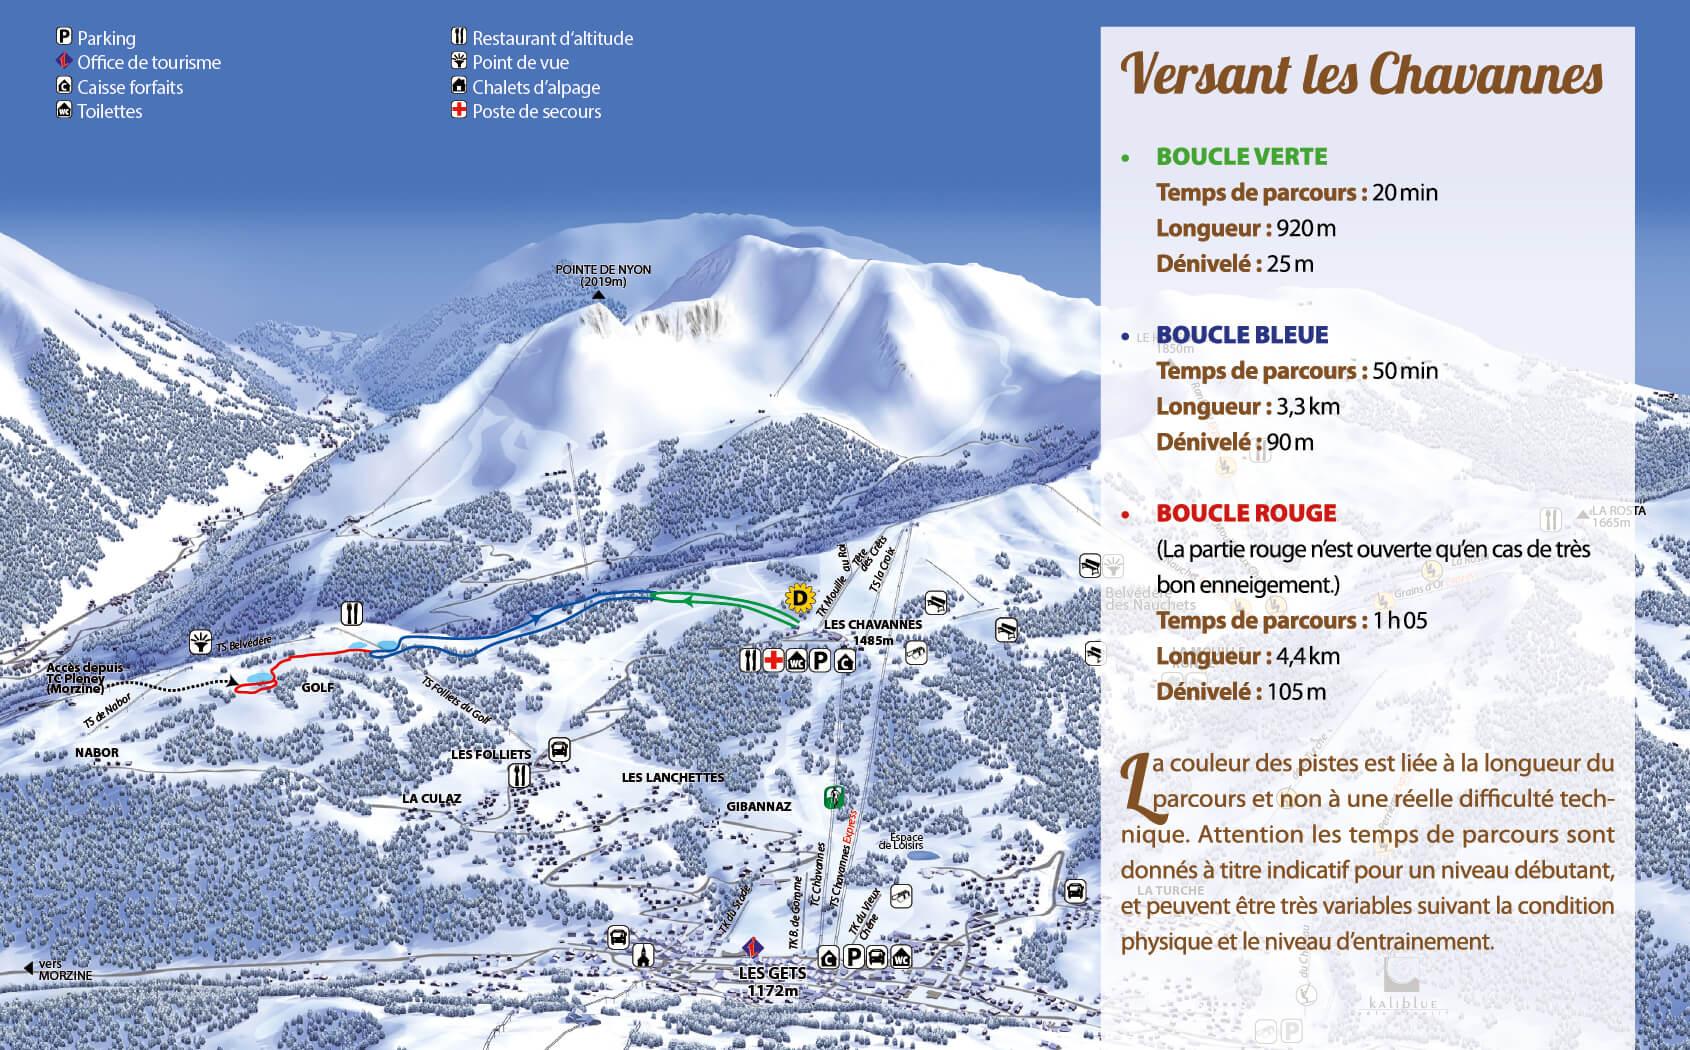 Ski de Fond Chavannes Les Gets